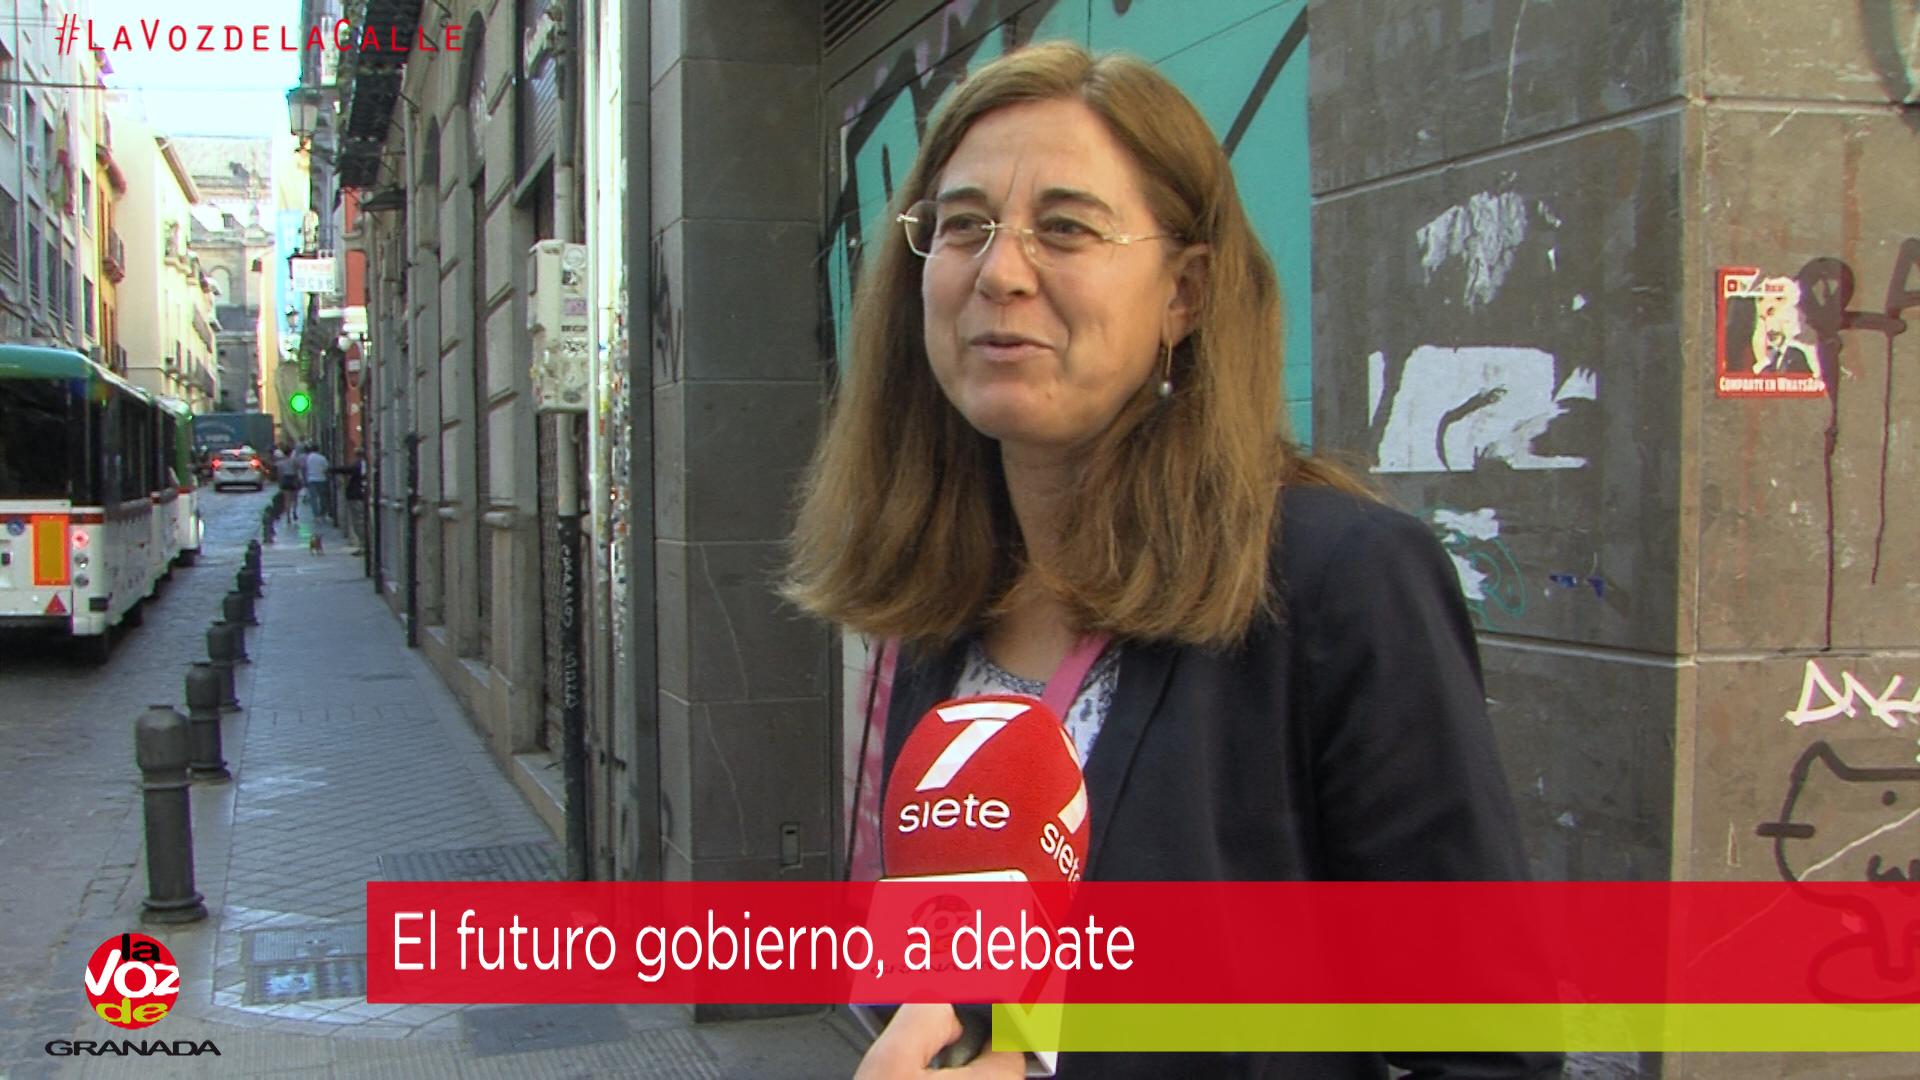 #LaVozdelaCalle: ¿Considera necesario que PP y Ciudadanos faciliten con su abstención la investidura de Pedro Sánchez?